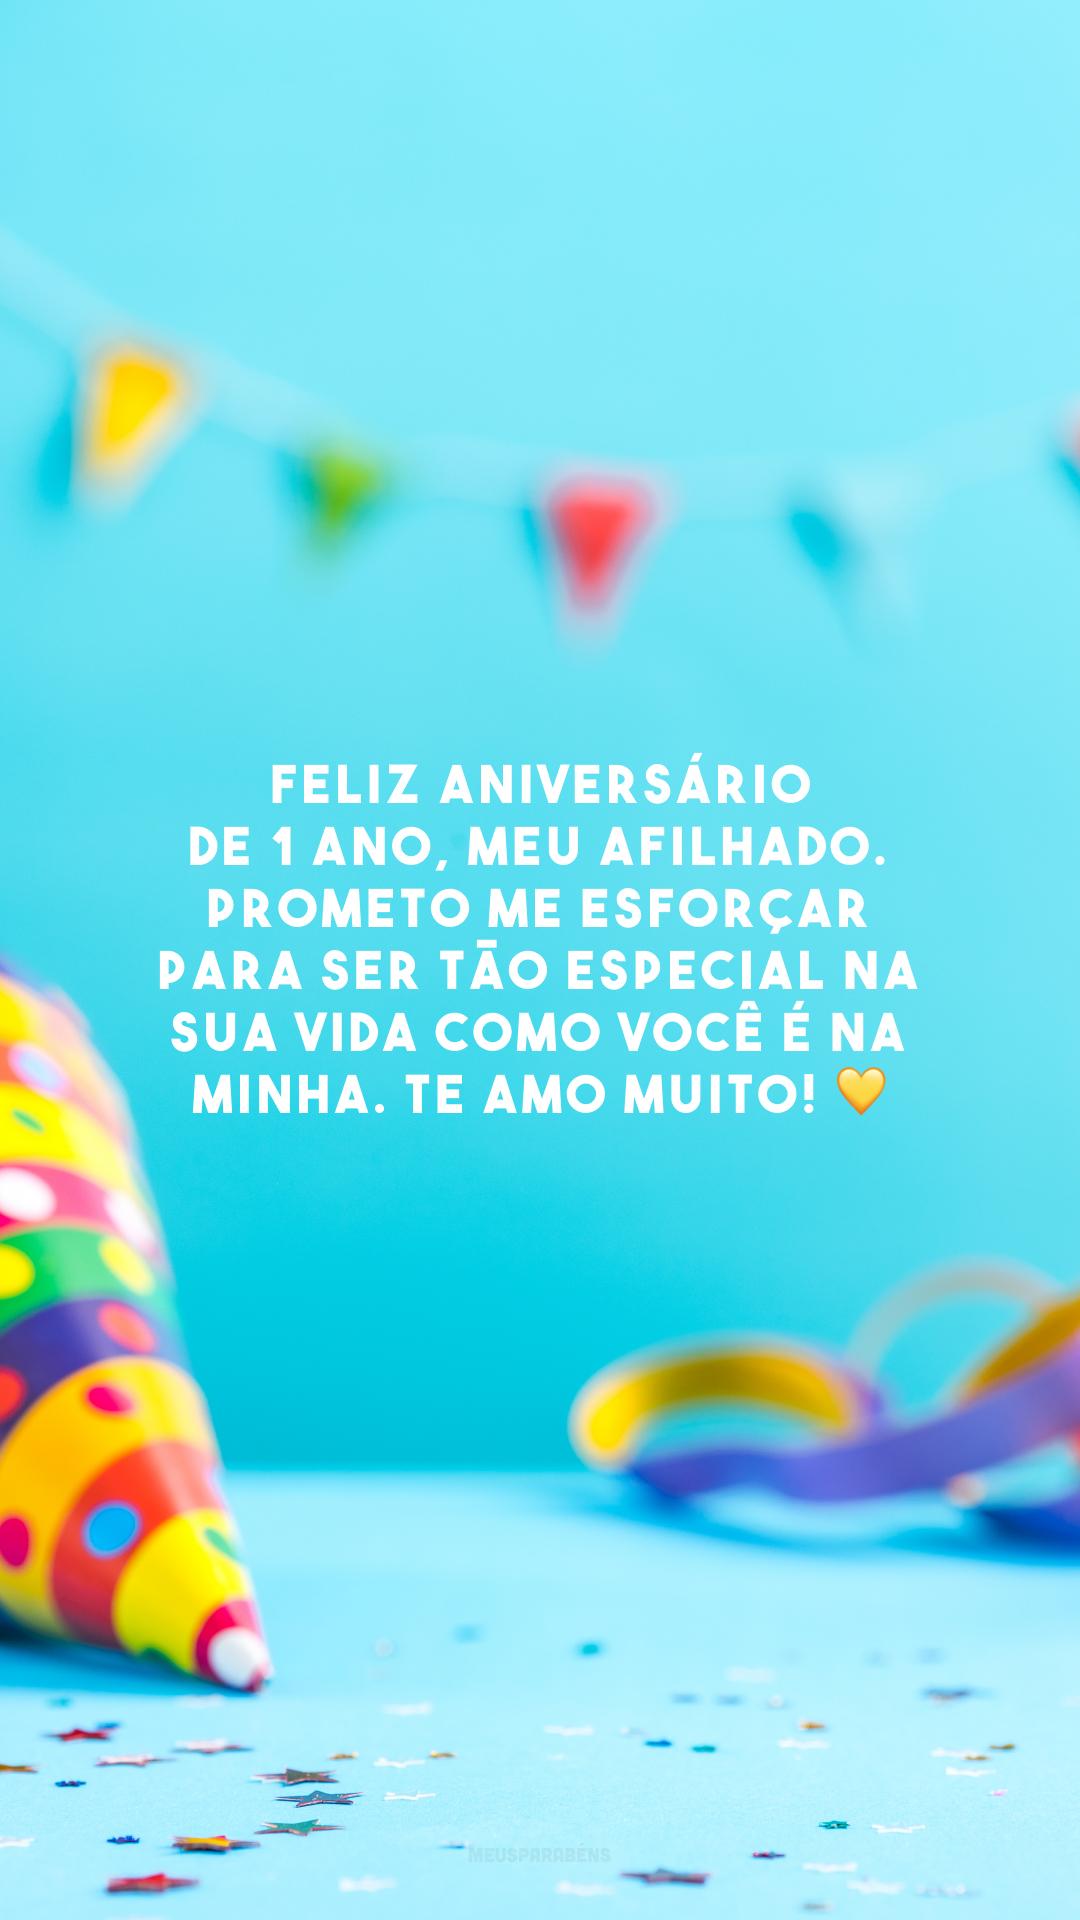 Feliz aniversário de 1 ano, meu afilhado. Prometo me esforçar para ser tão especial na sua vida como você é na minha. Te amo muito! 💛